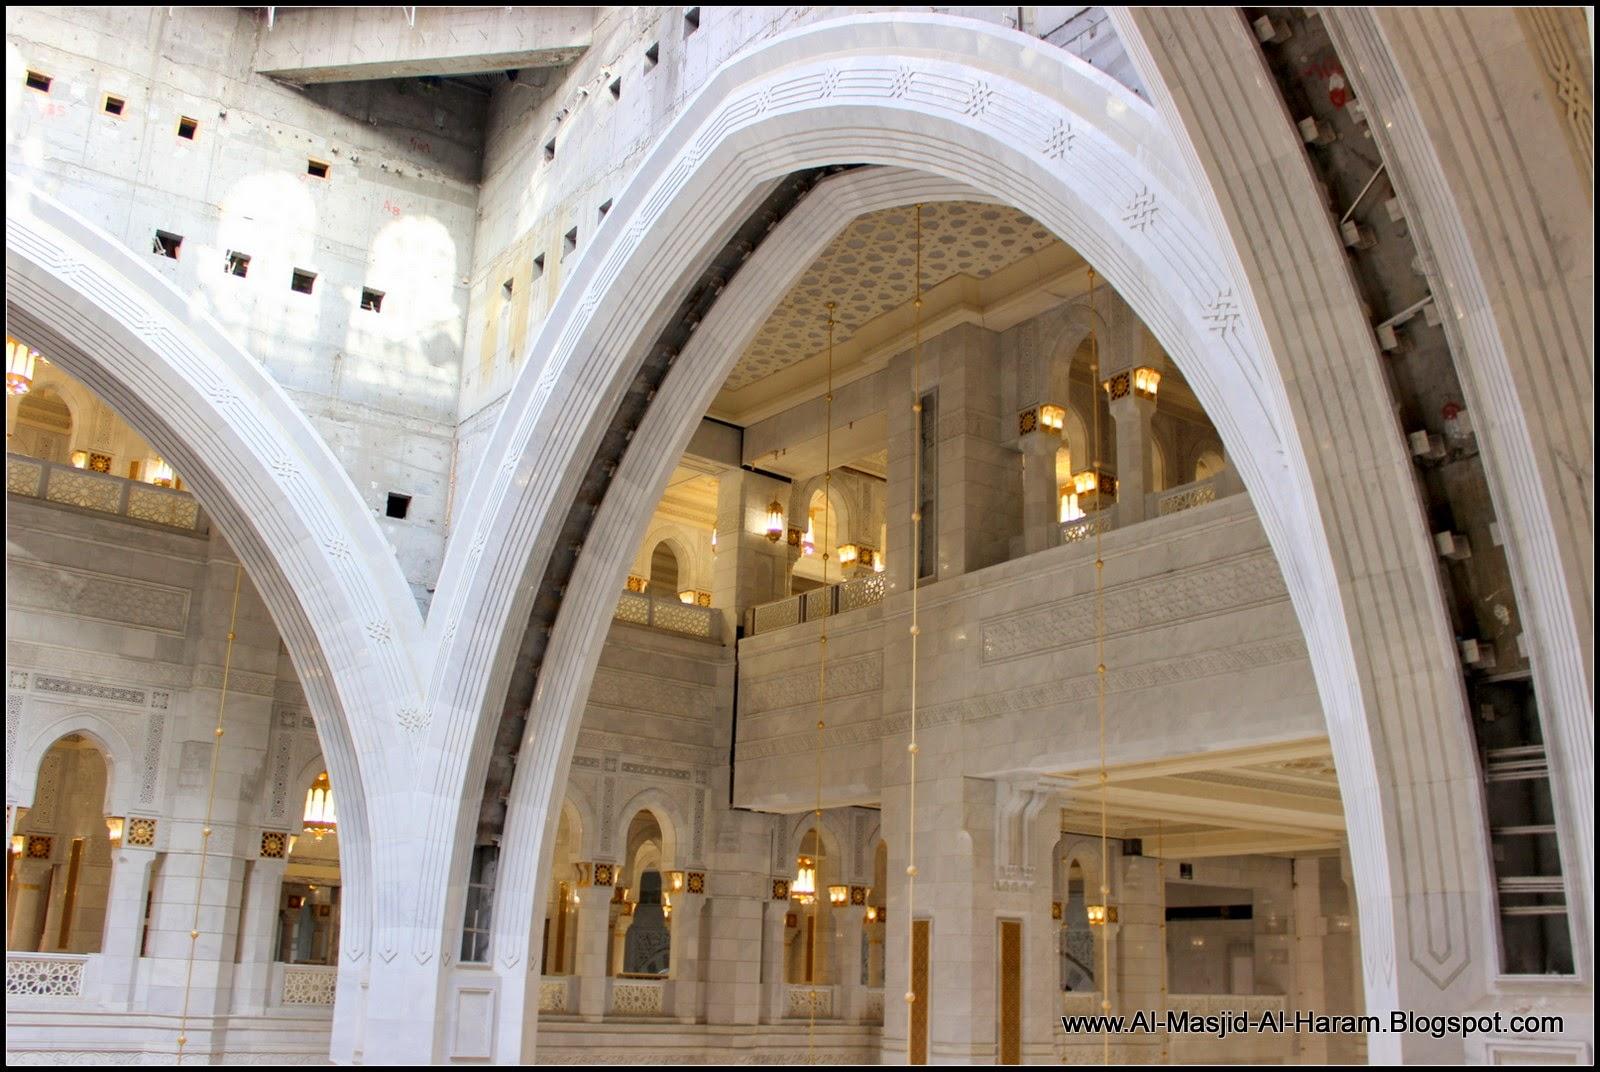 Al Masjid Mataf Haram Expansion